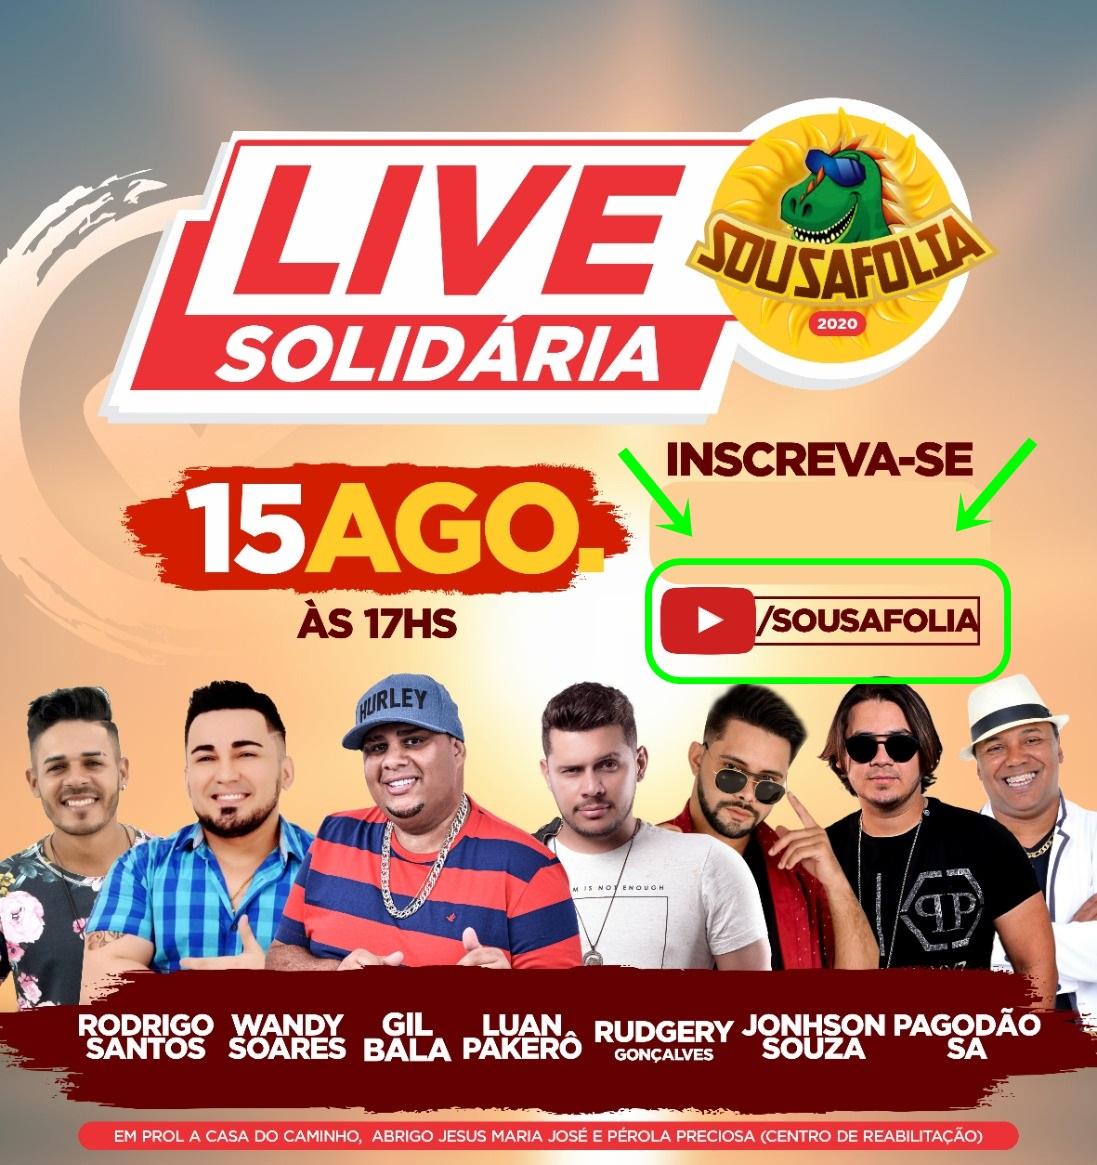 14082020 sousafolia - Empresários preparam ''live solidária'' do Sousa Folia neste sábado (15) para arrecadar recursos para auxílio a instituições da cidade